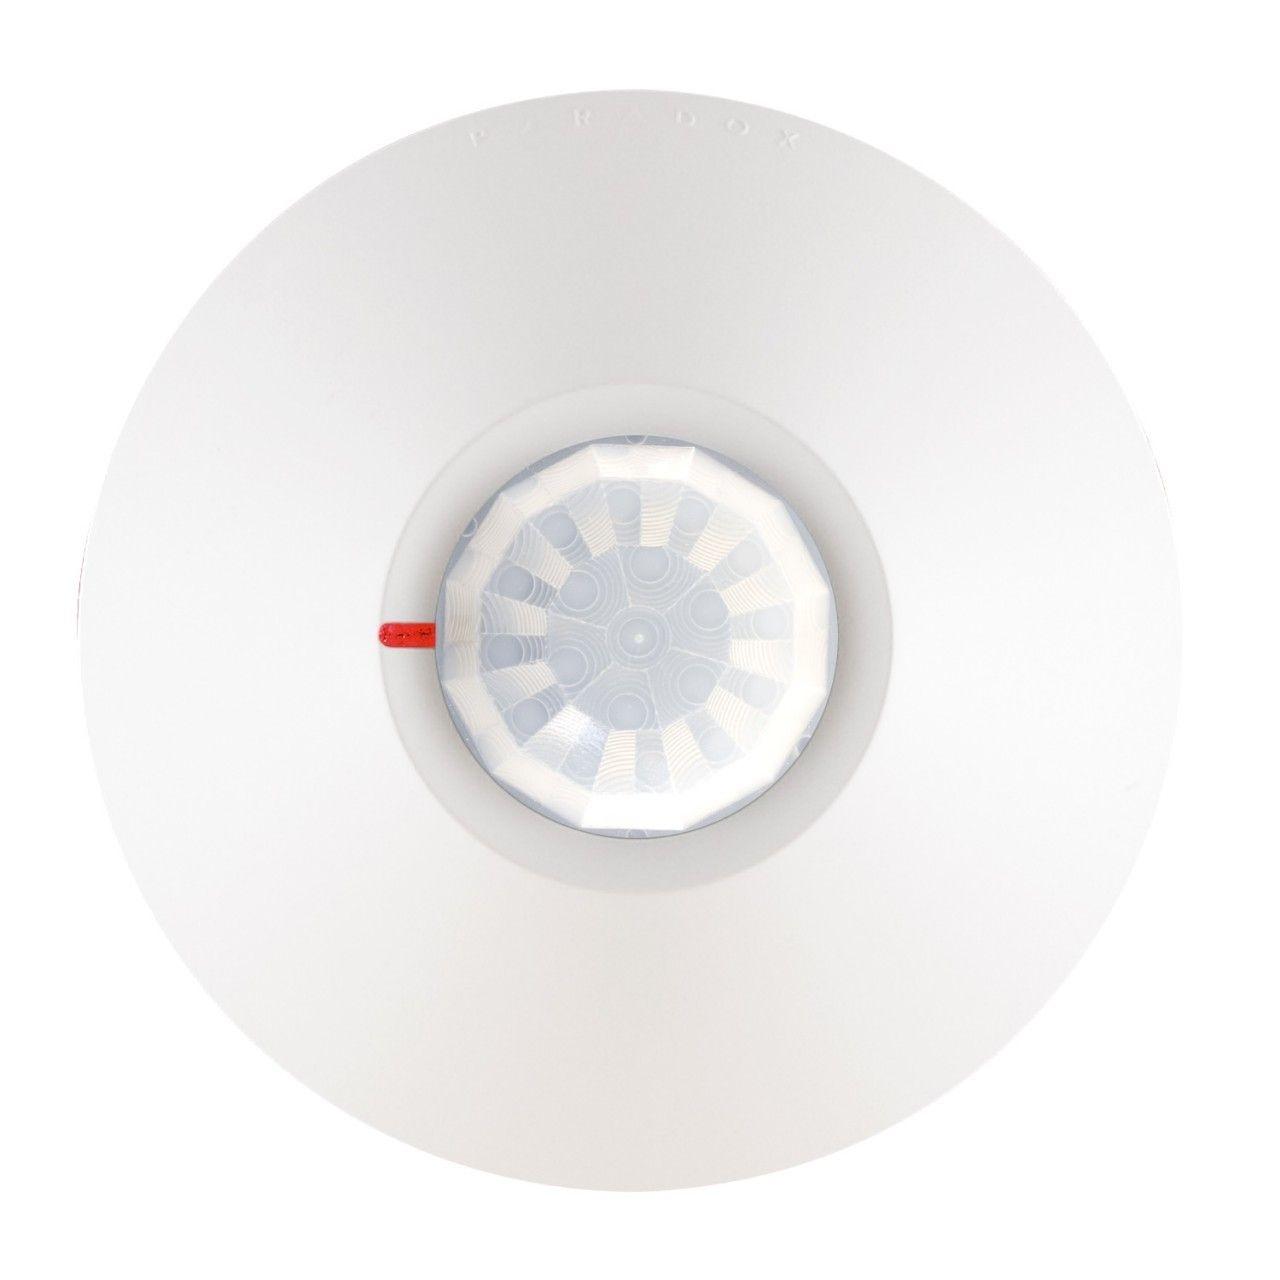 Paradox DG467 vista frontale